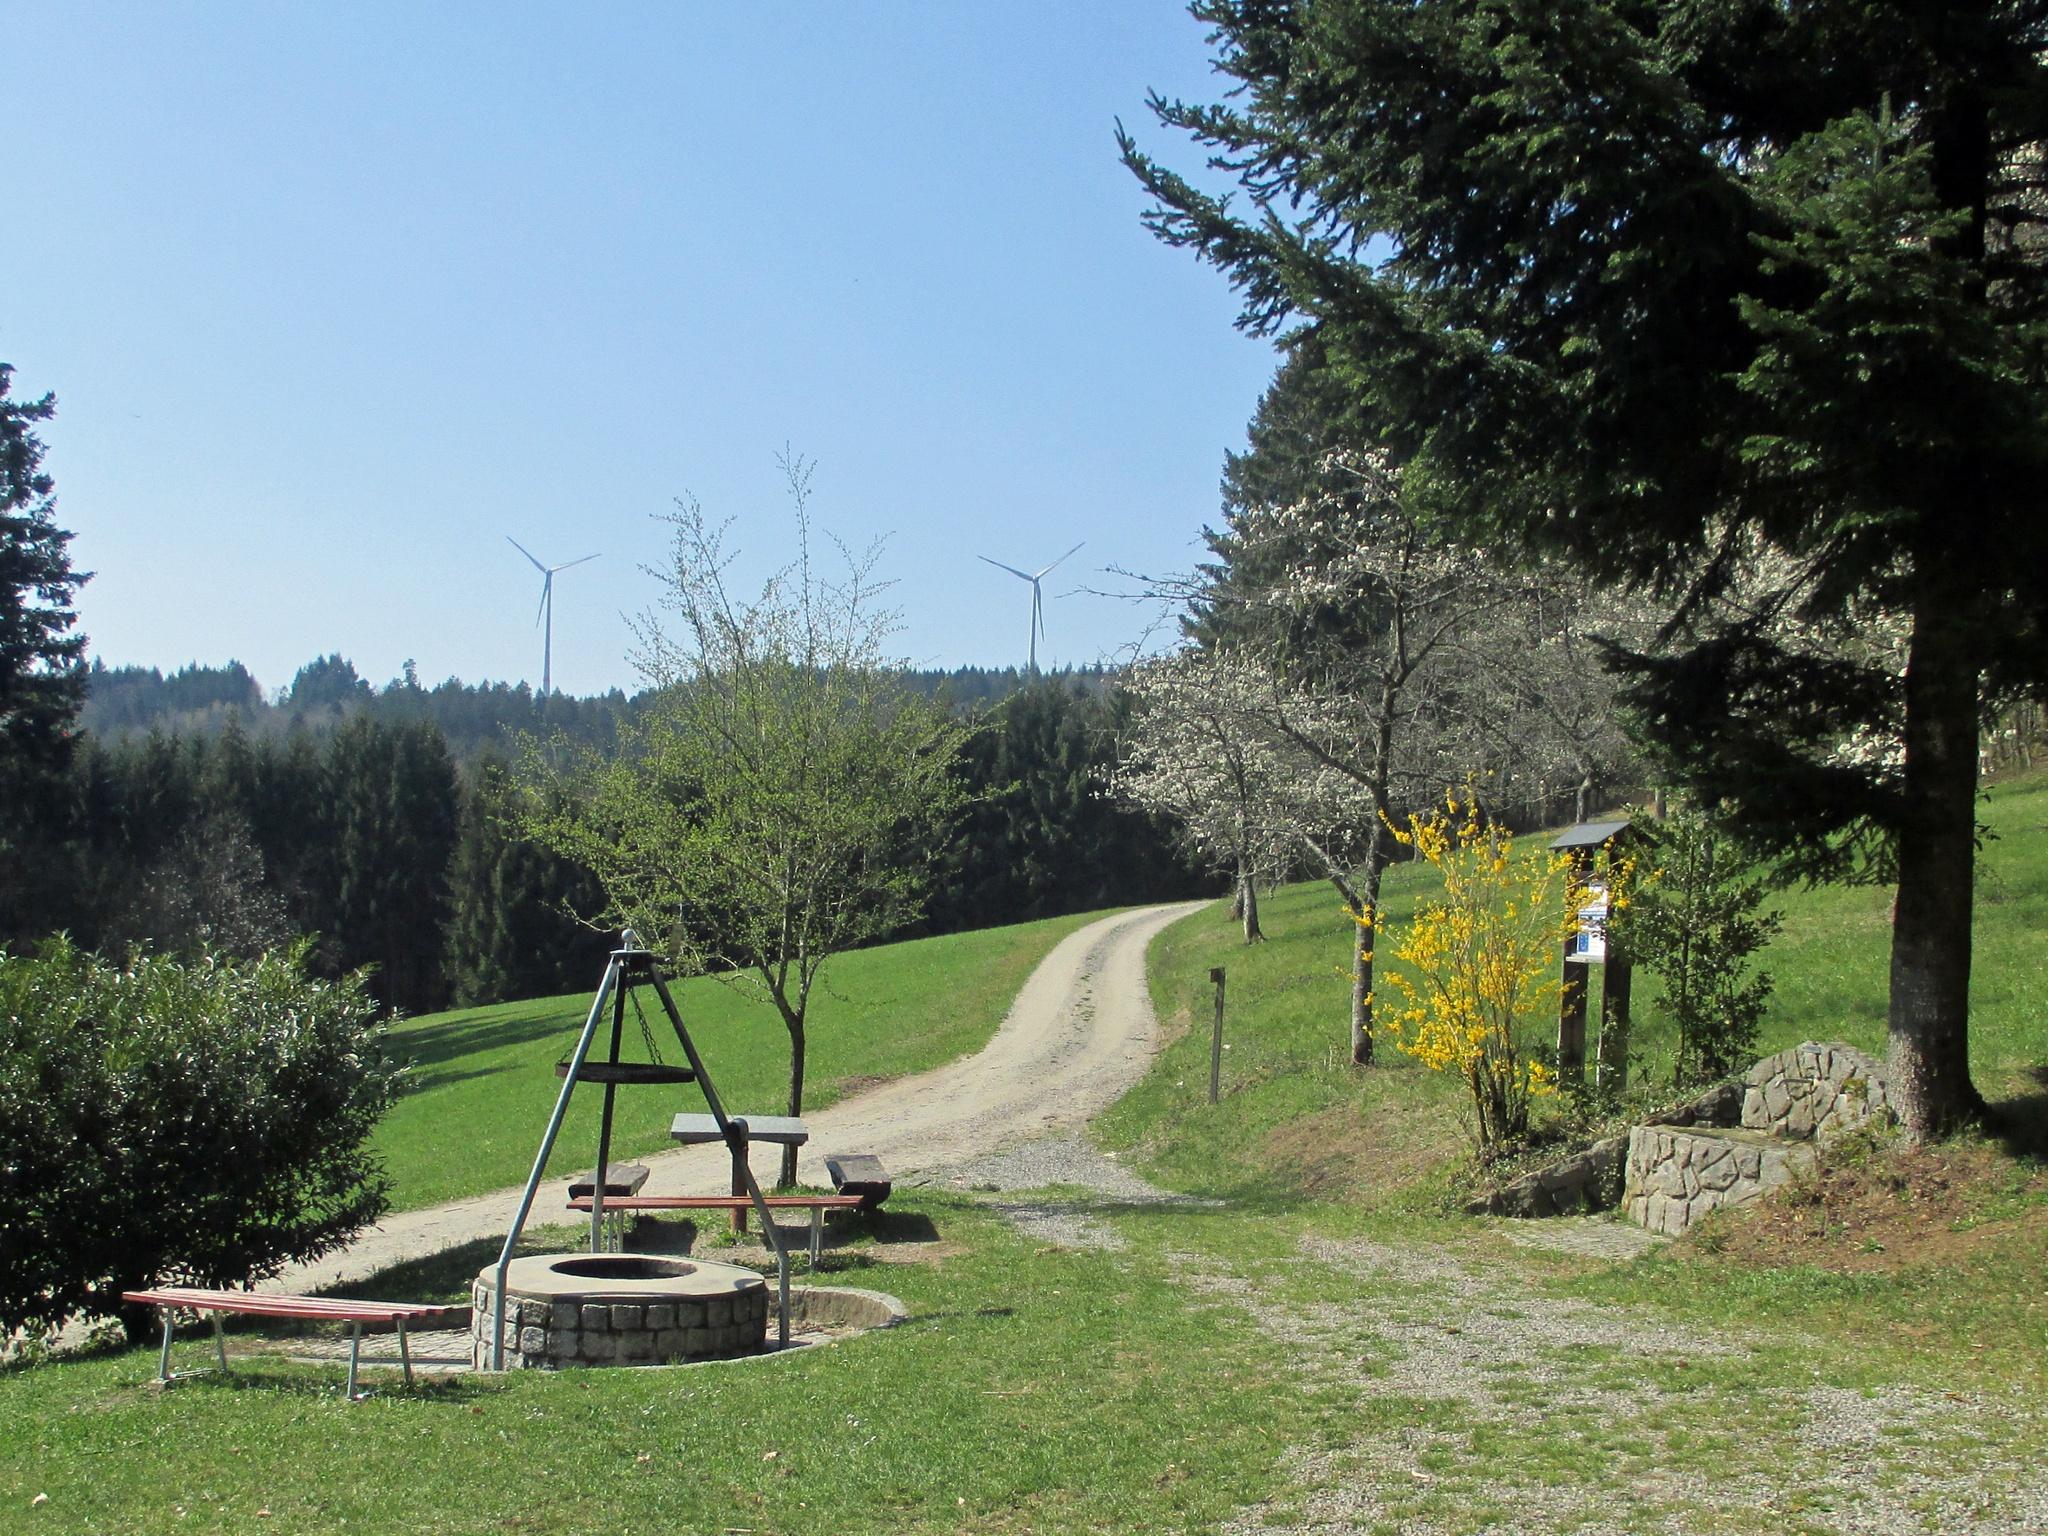 Grillstelle und Brunnen bei der Schirrmaierhütte